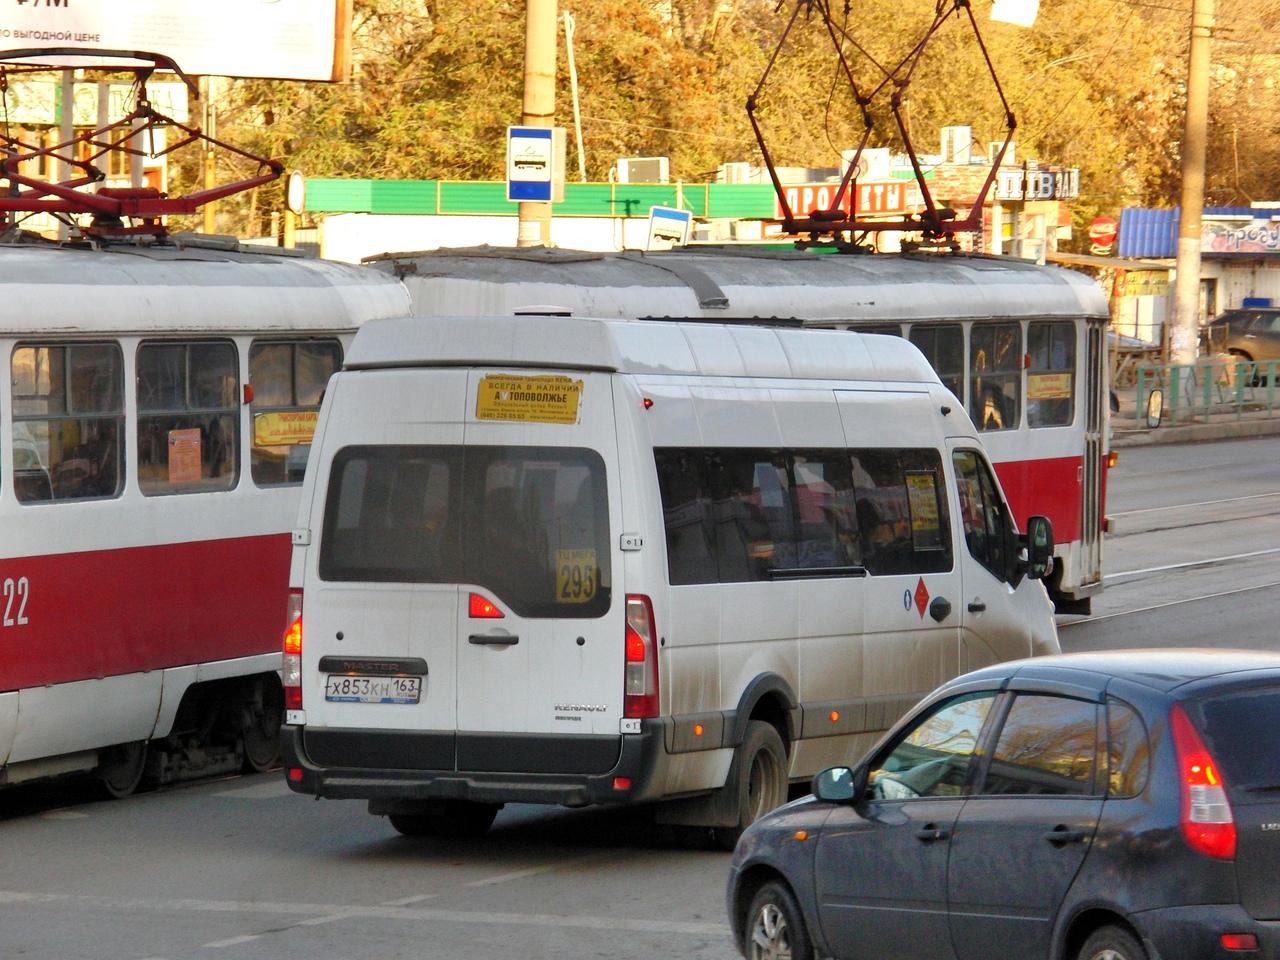 частные маршрутки компания екатеринбург даже собираются скрывать